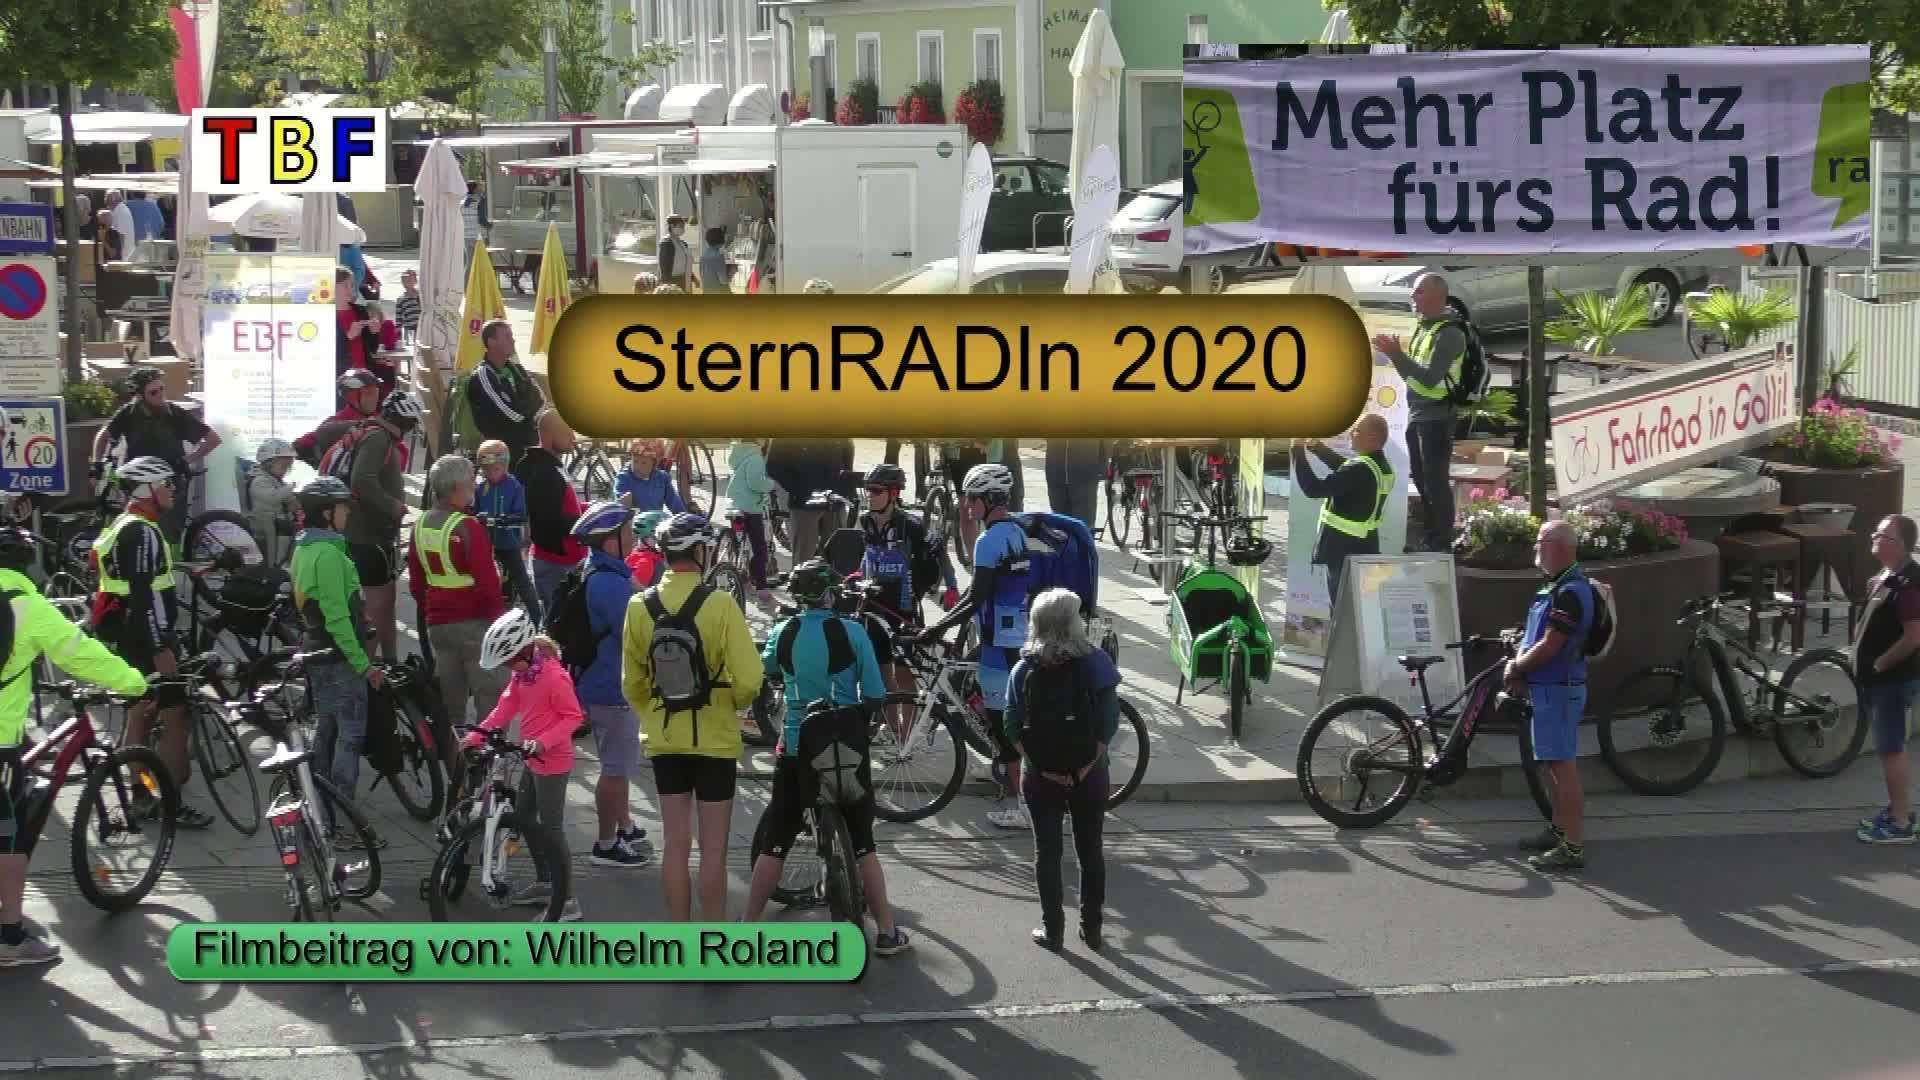 Sternradln 2020